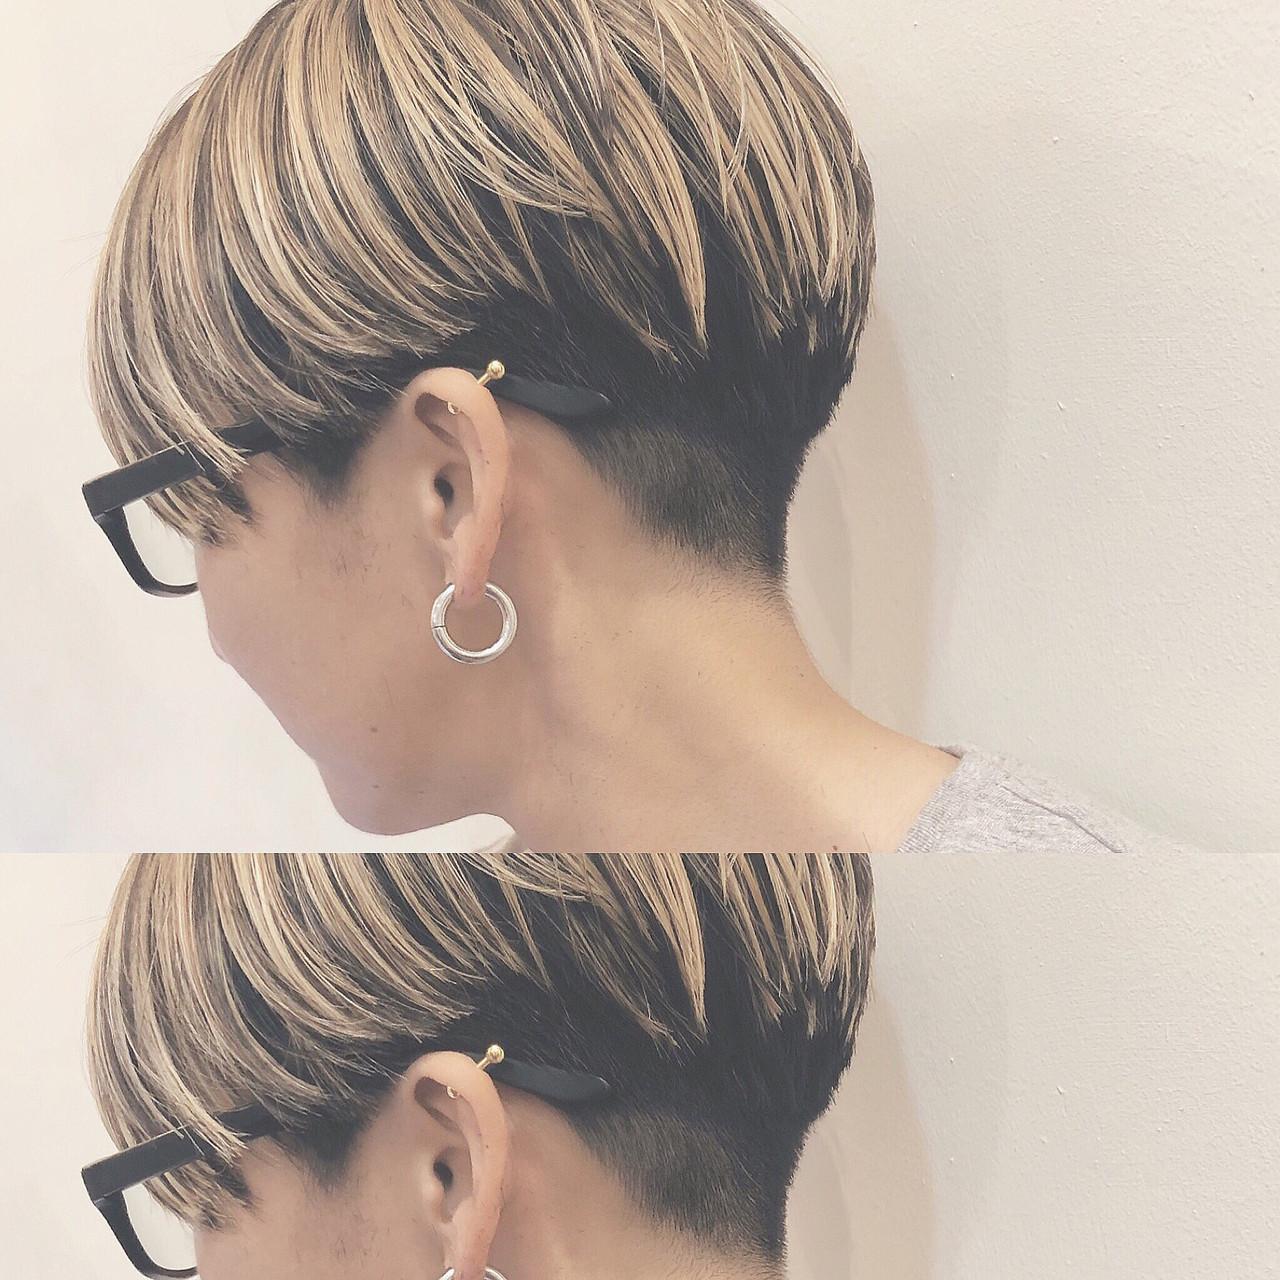 バレイヤージュ ハイライト ショート ナチュラル ヘアスタイルや髪型の写真・画像